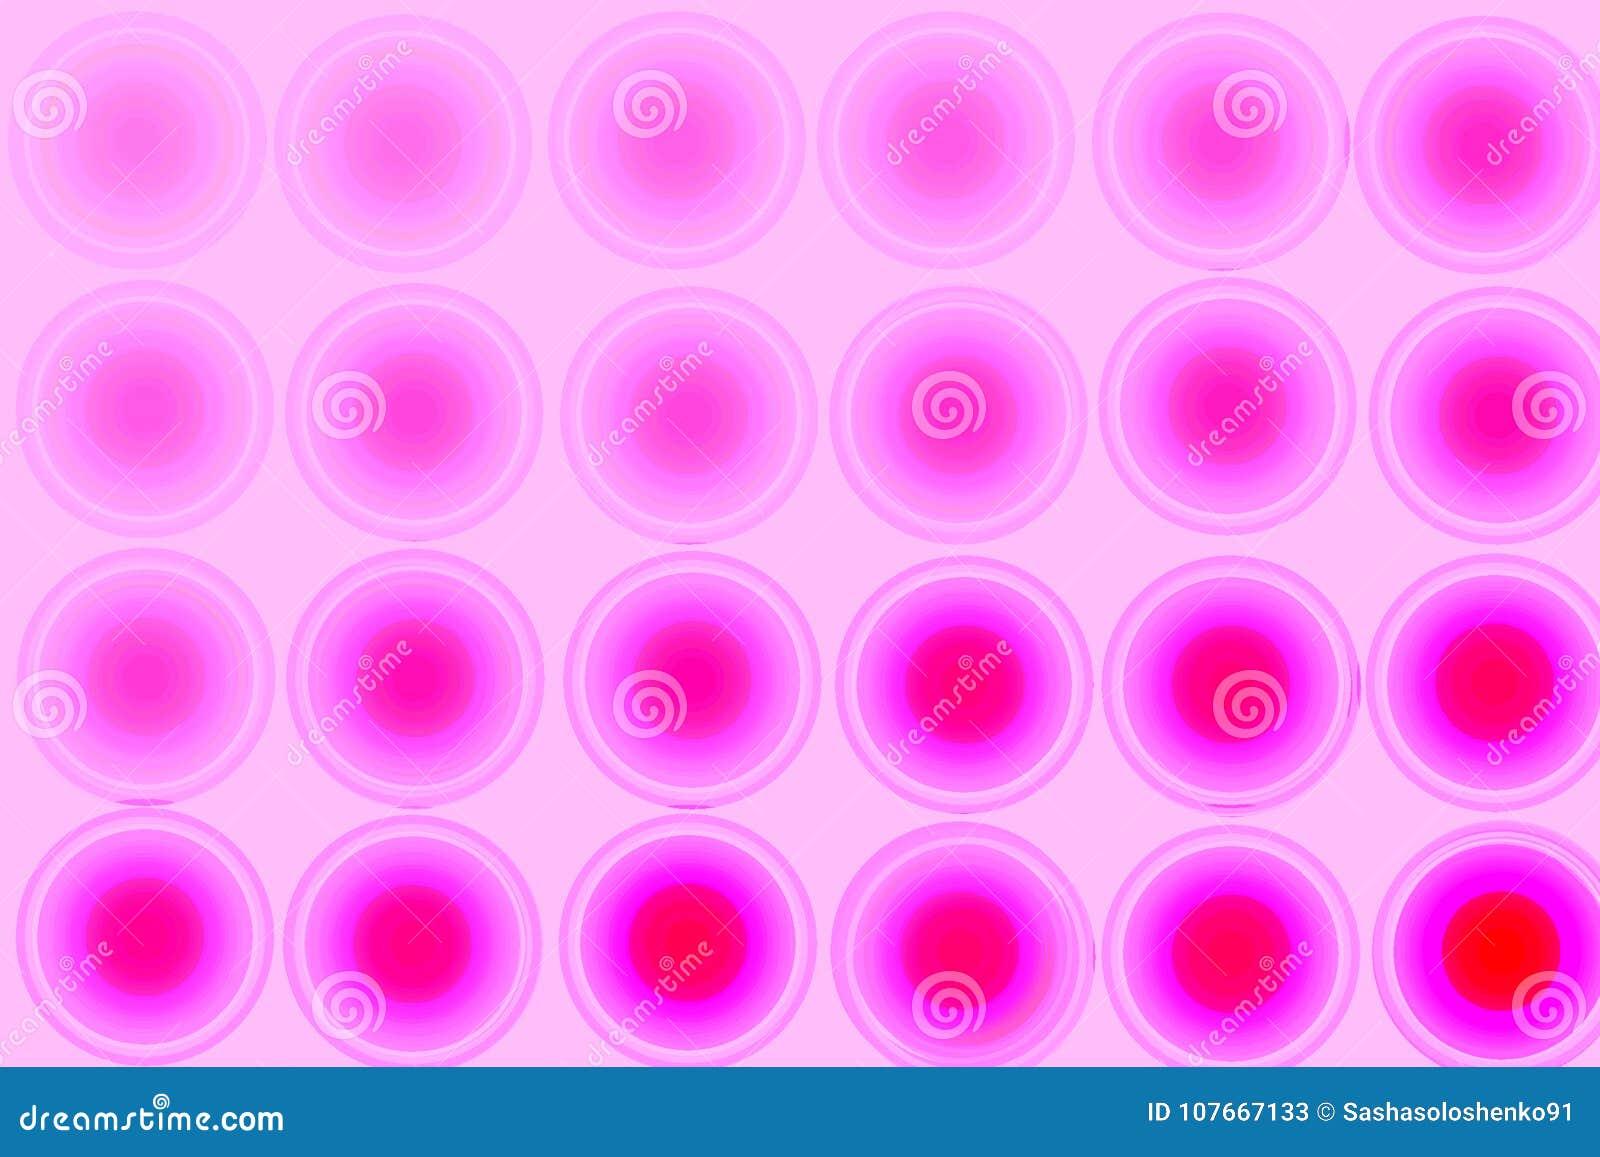 Fondo astratto rosa, cerchi, pendenza